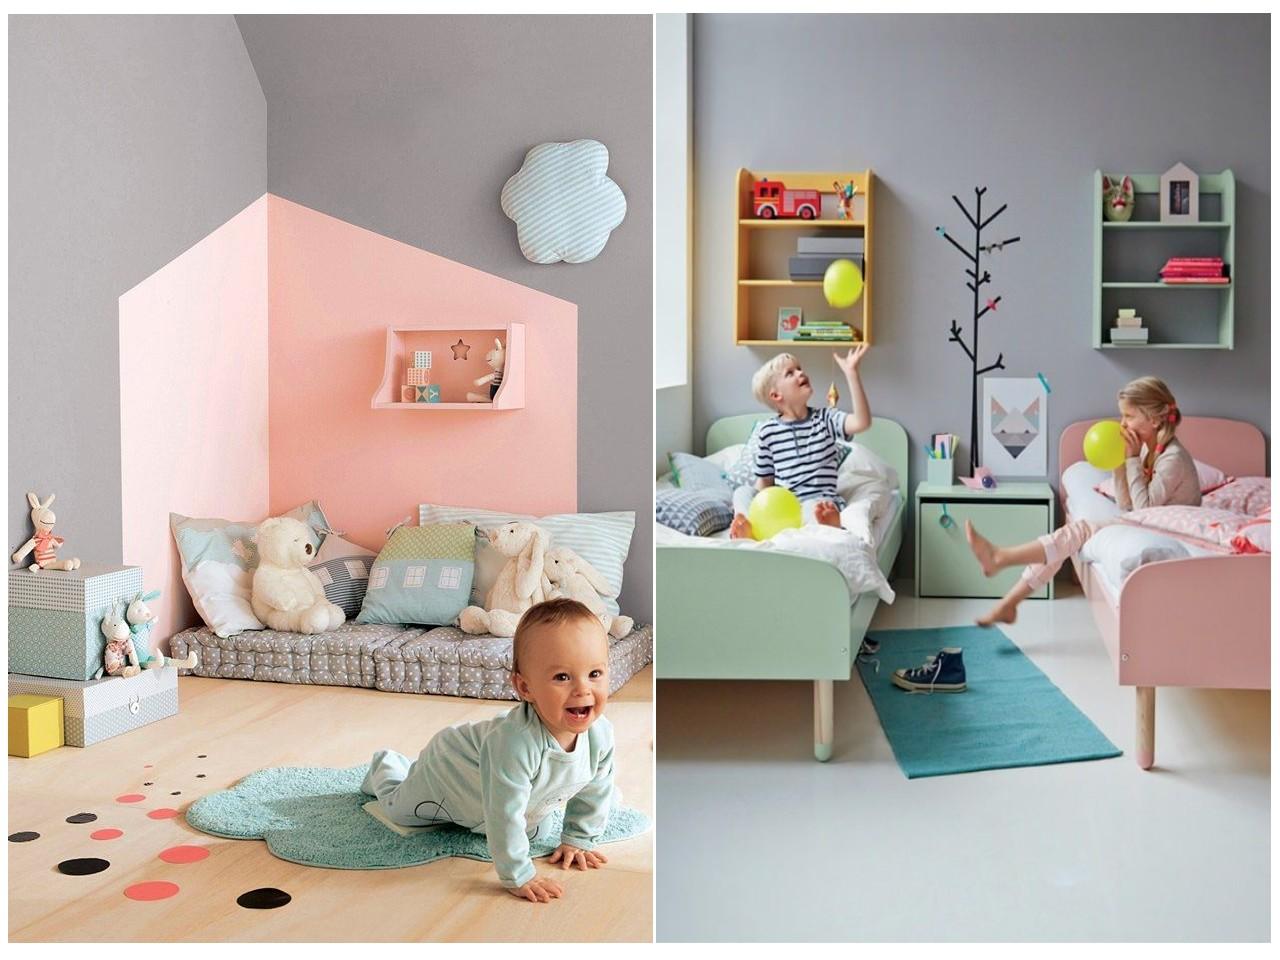 Habitaciones infantiles el gris no tiene porque ser - Habitaciones infantiles ninos 4 anos ...